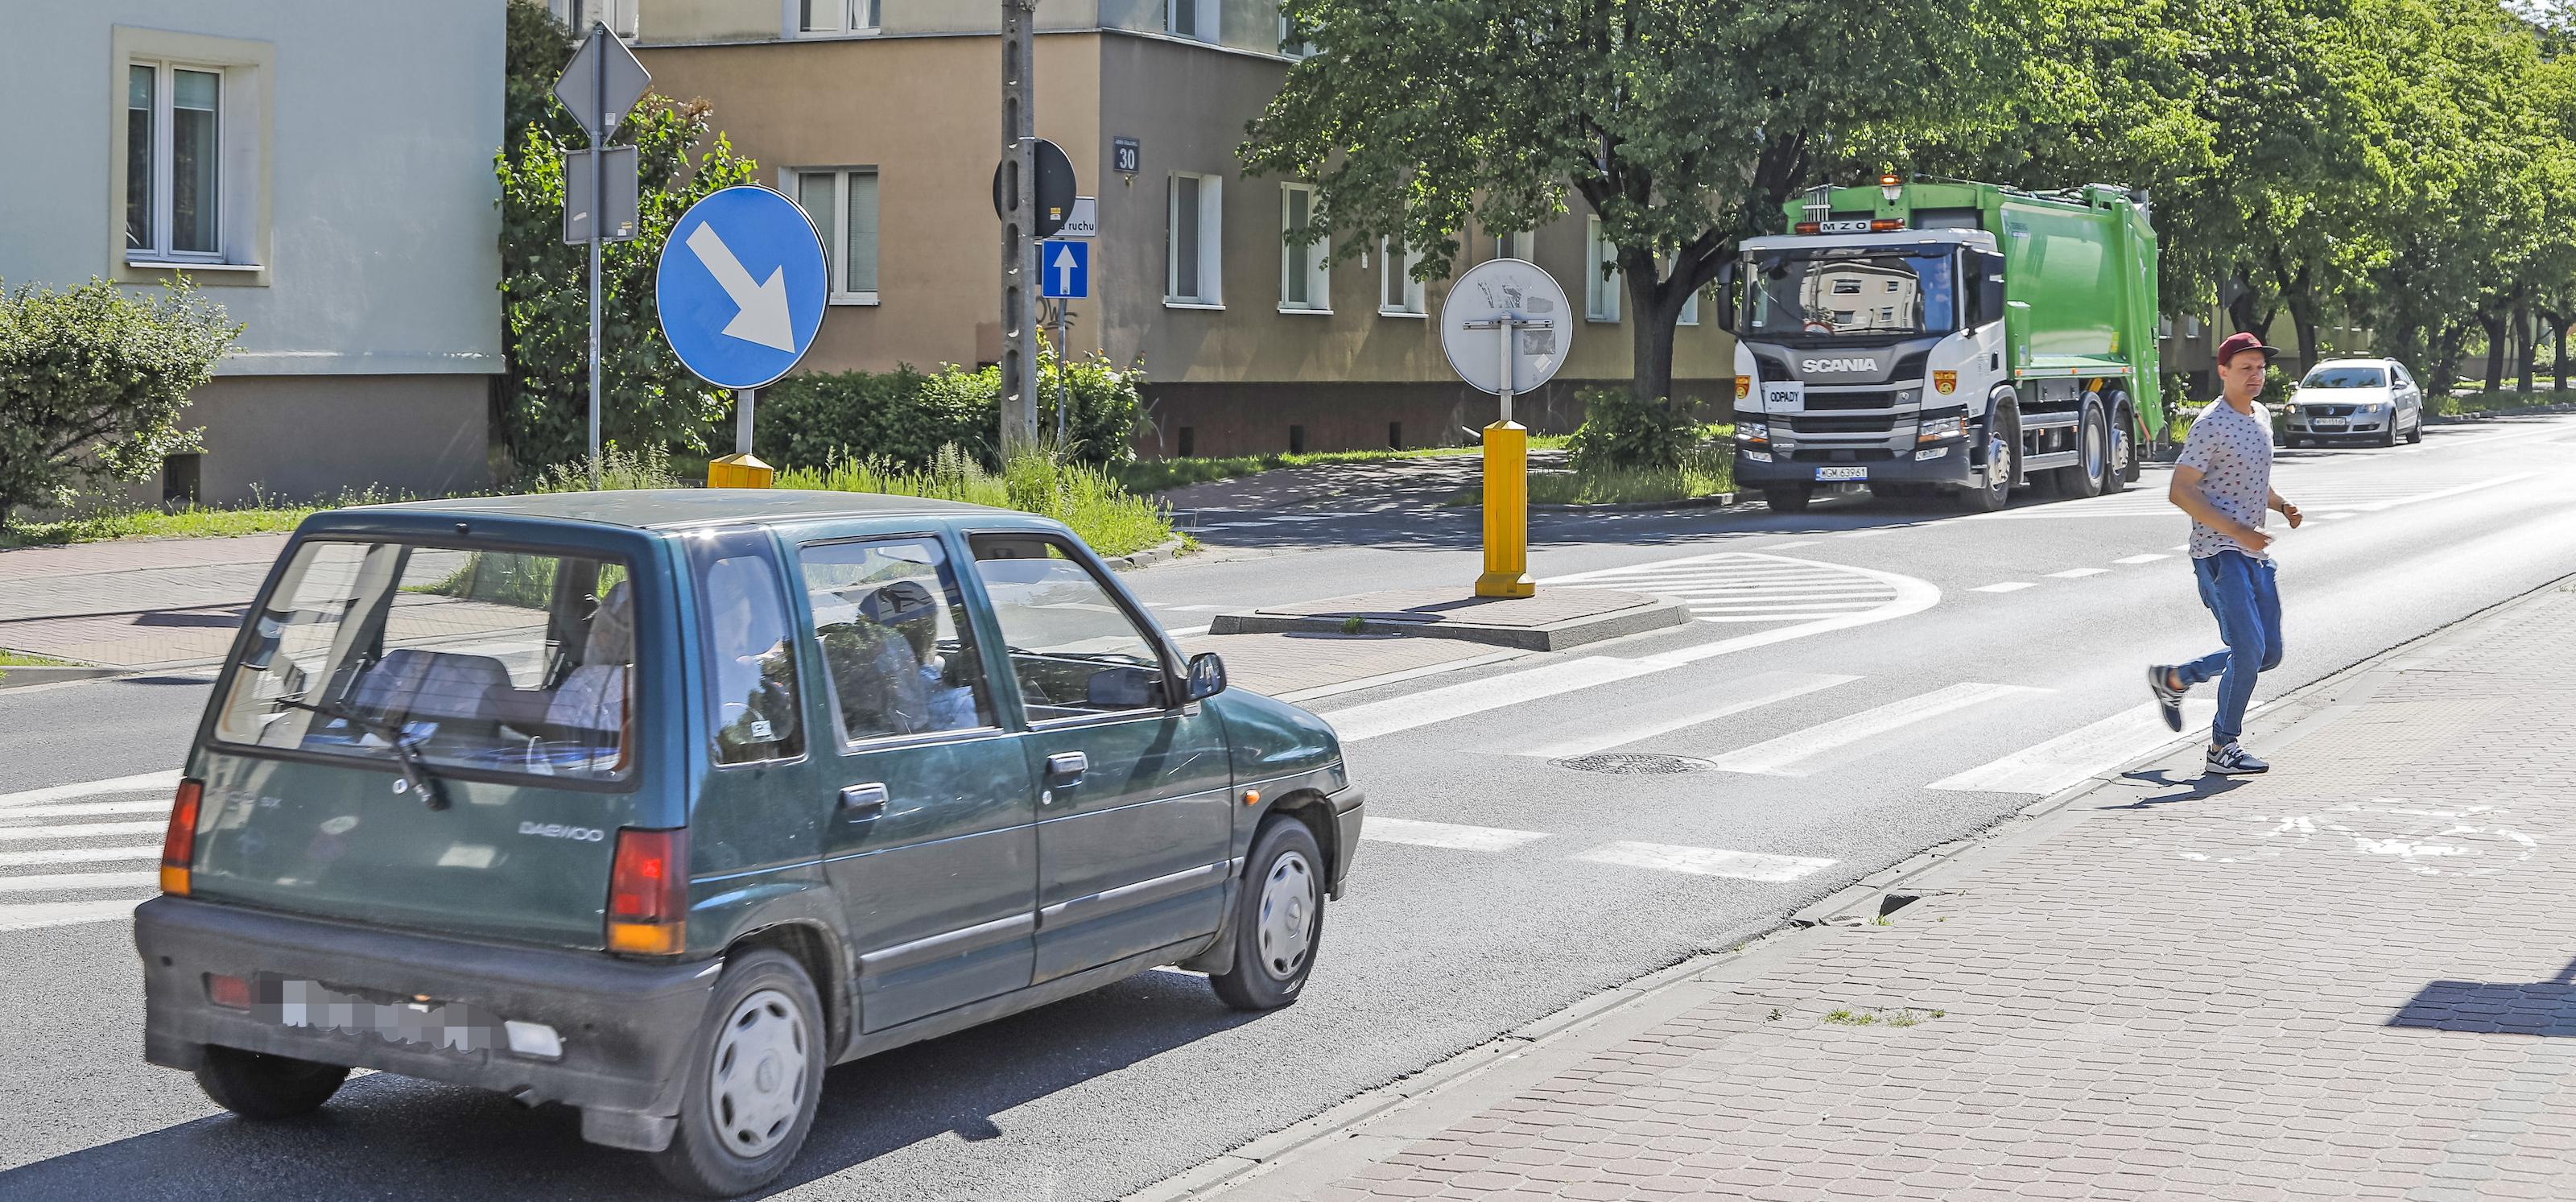 Wchodzenie przed pojazd